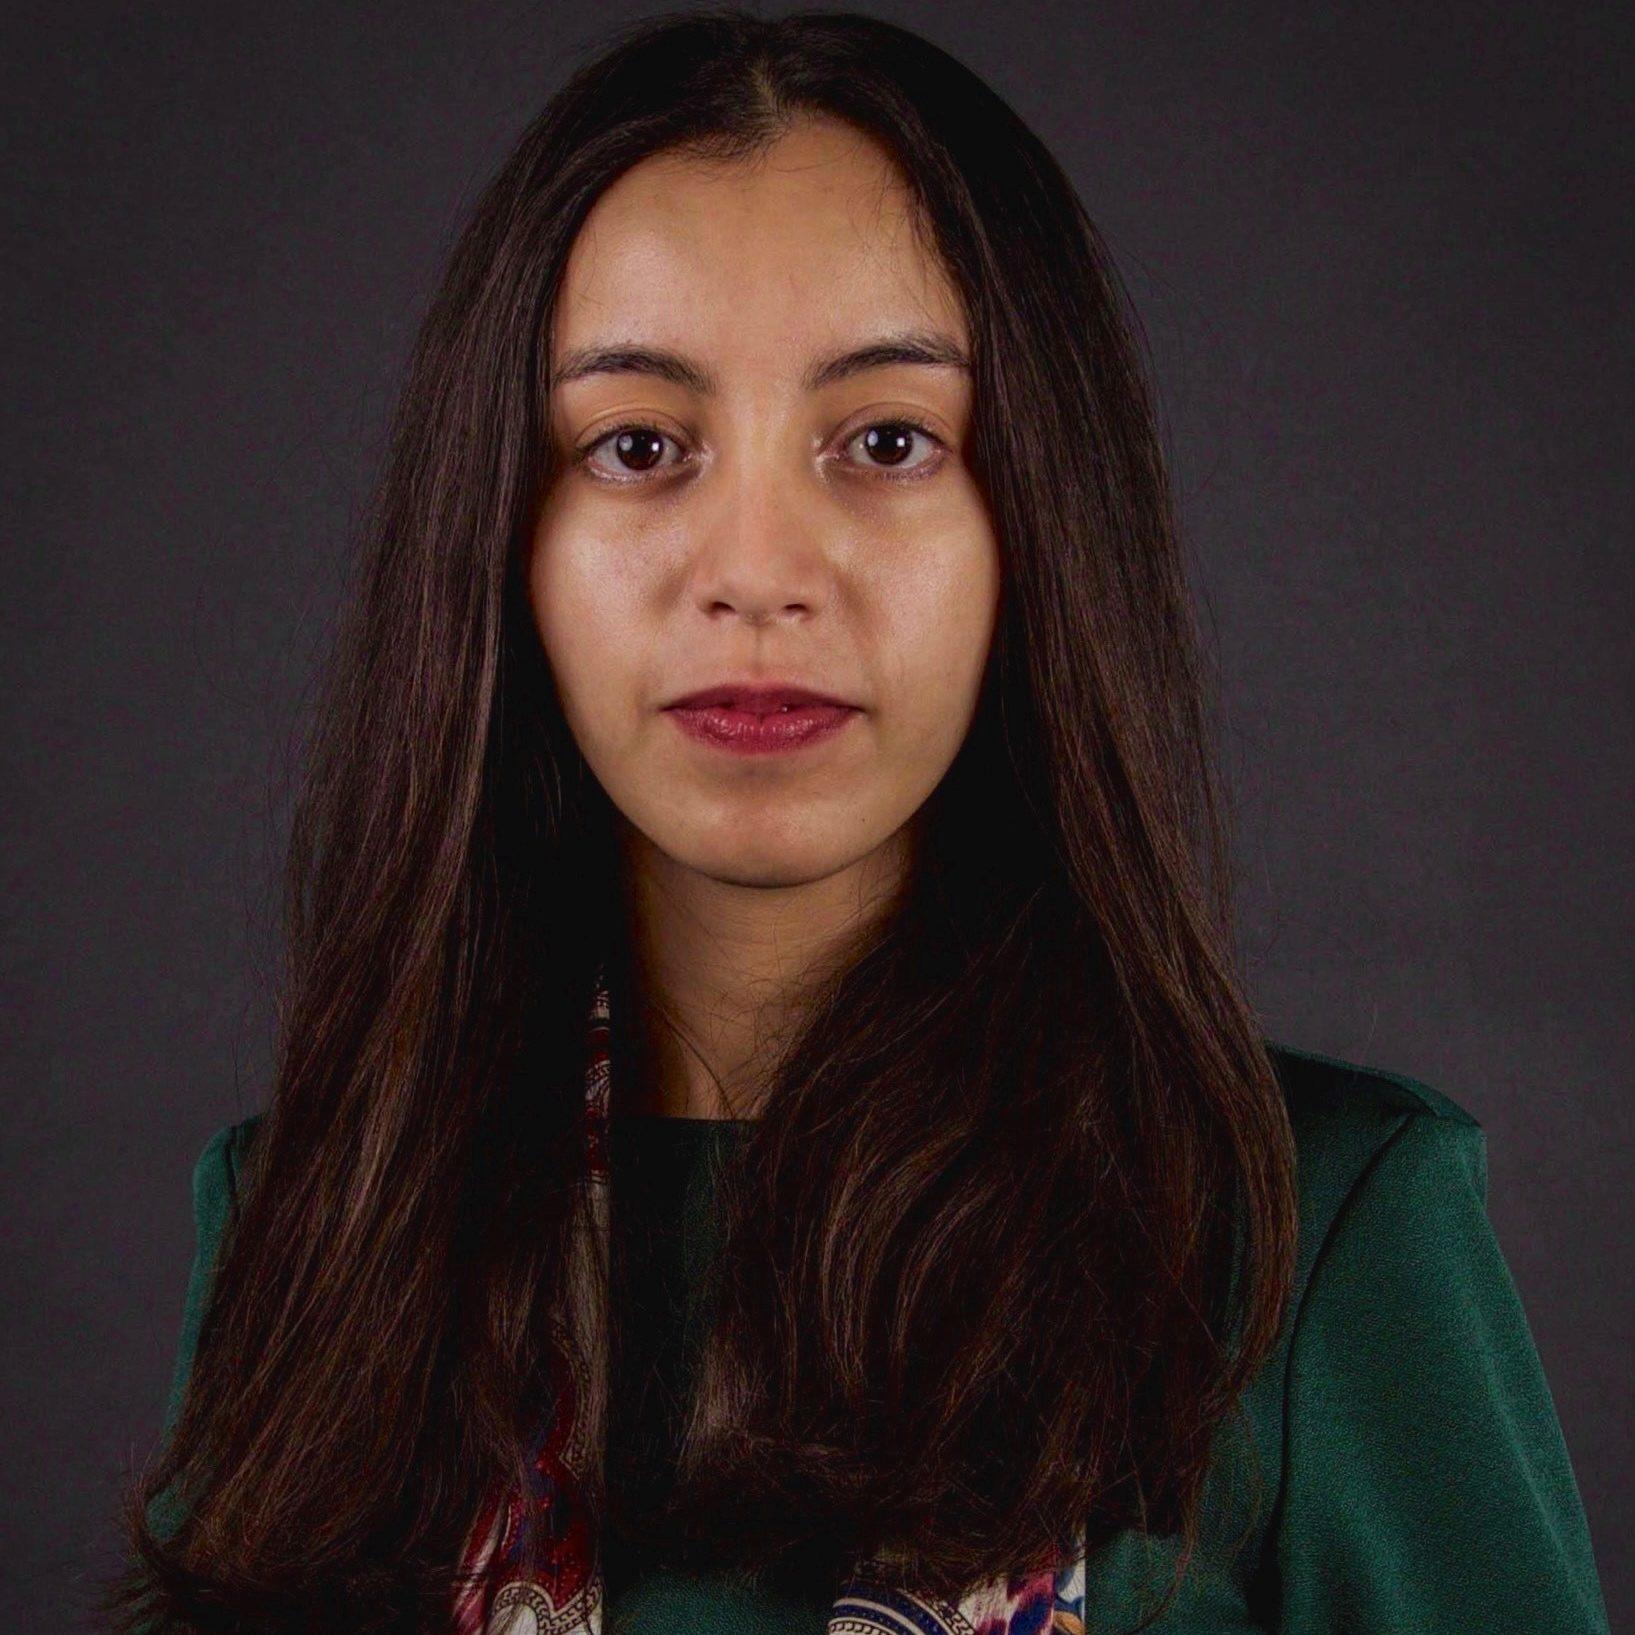 Nadia Kahem